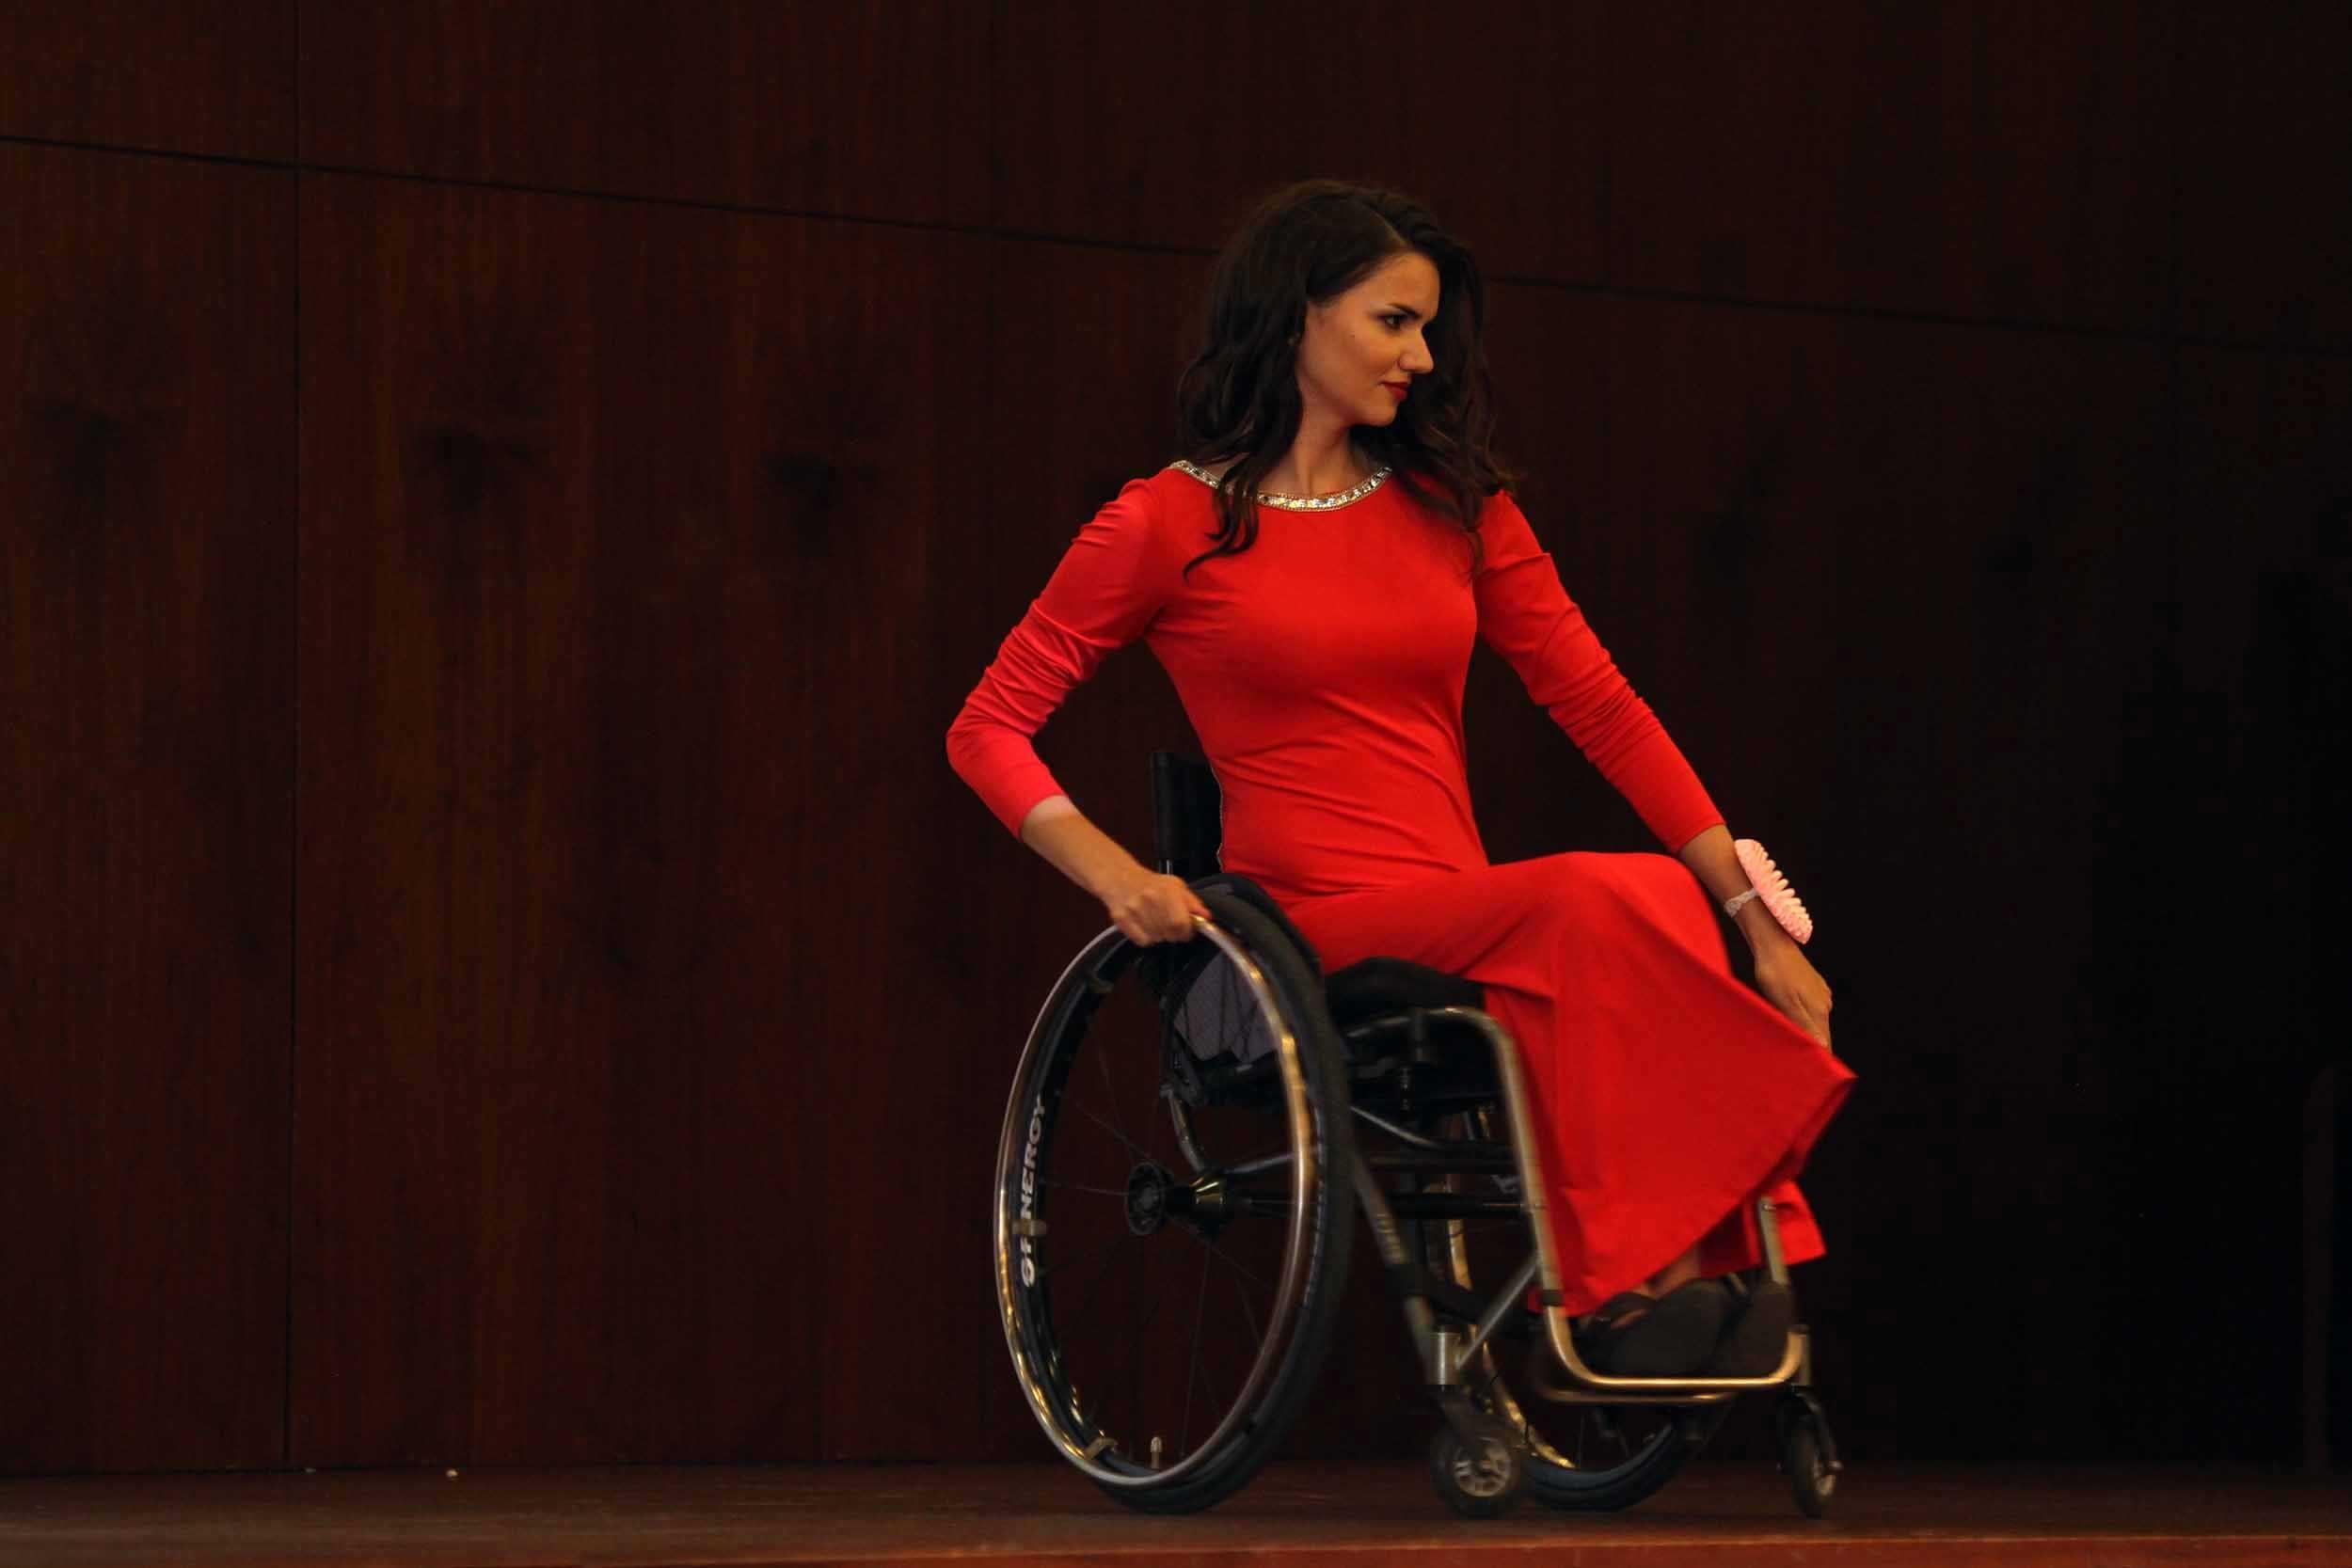 Конкурс среди девушек с инвалидностью